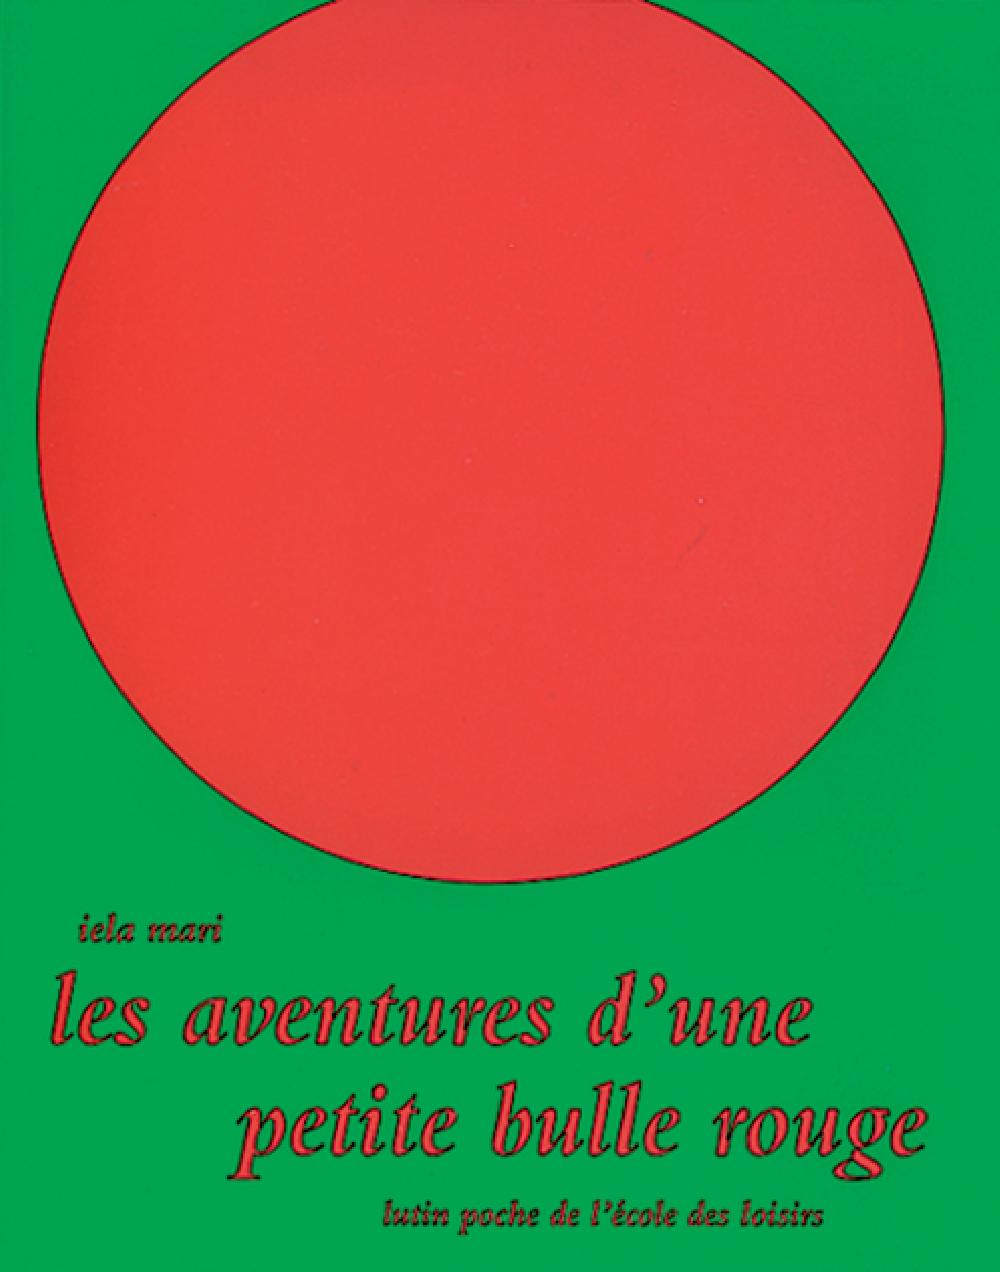 Les aventures d'une petite bulle rouge